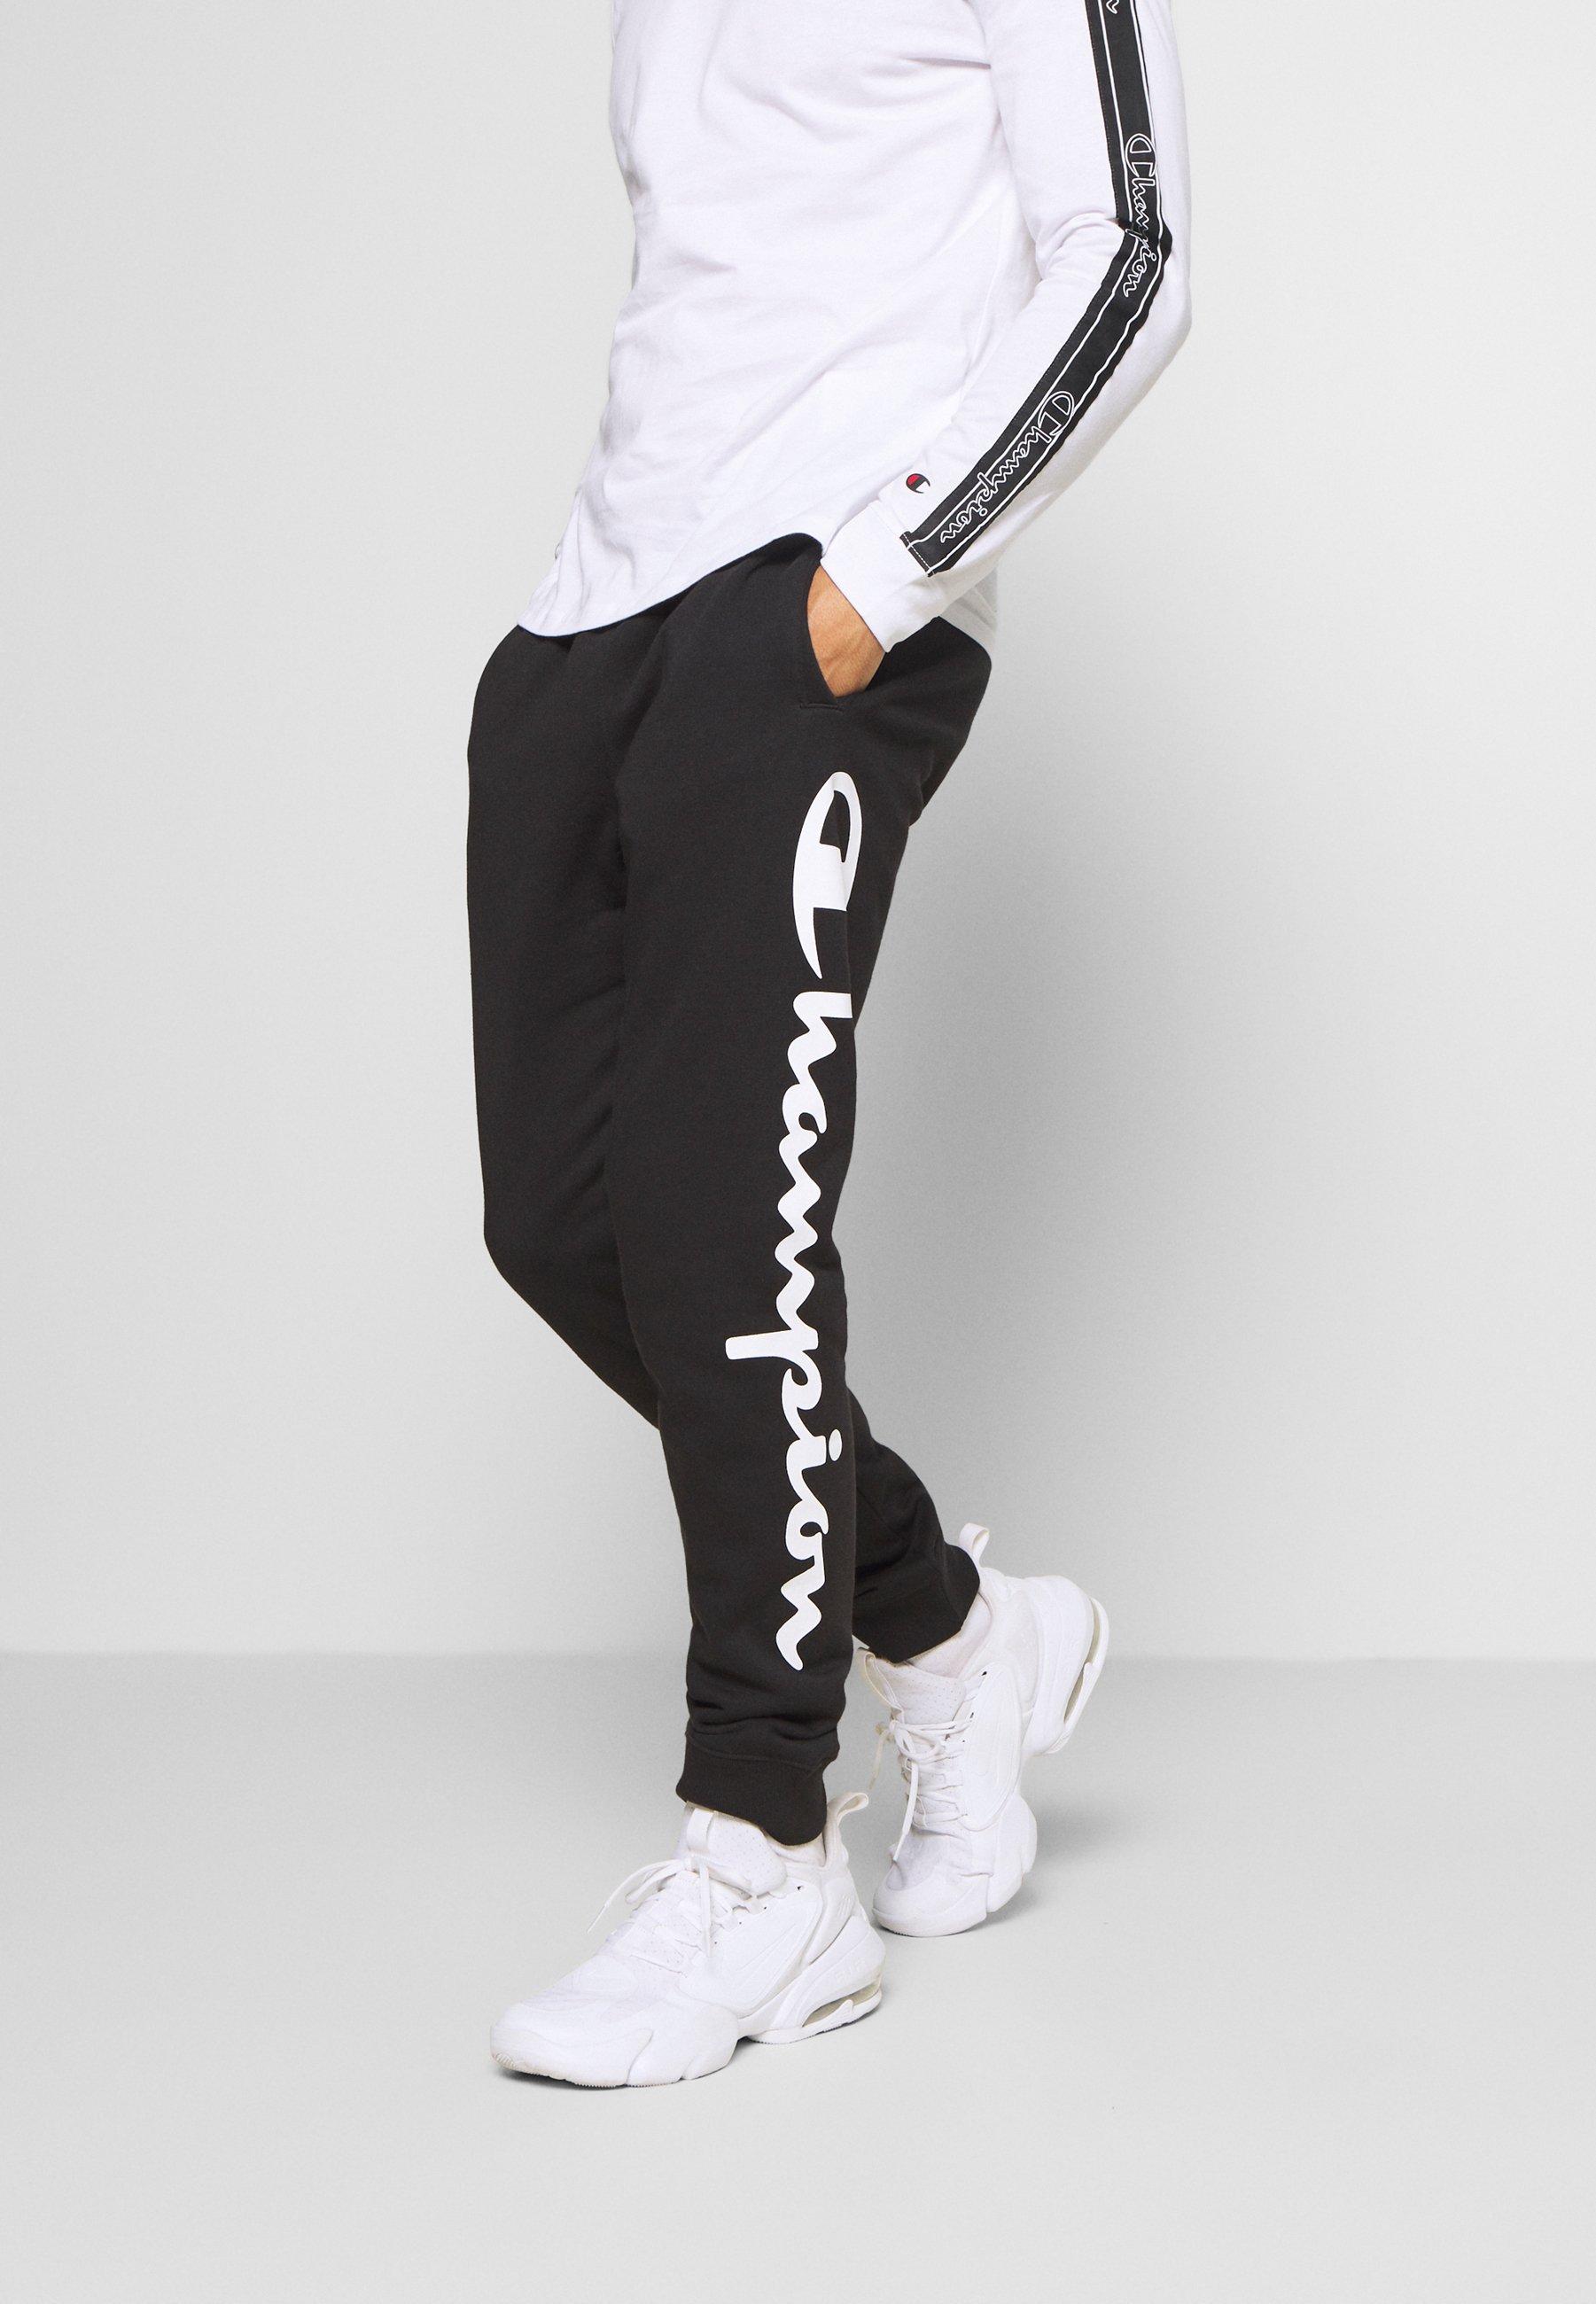 Best Place Largest Supplier Men's Clothing Champion LEGACY CUFF PANTS Tracksuit bottoms black/grey 9M4T9xHNn JdufskWcM